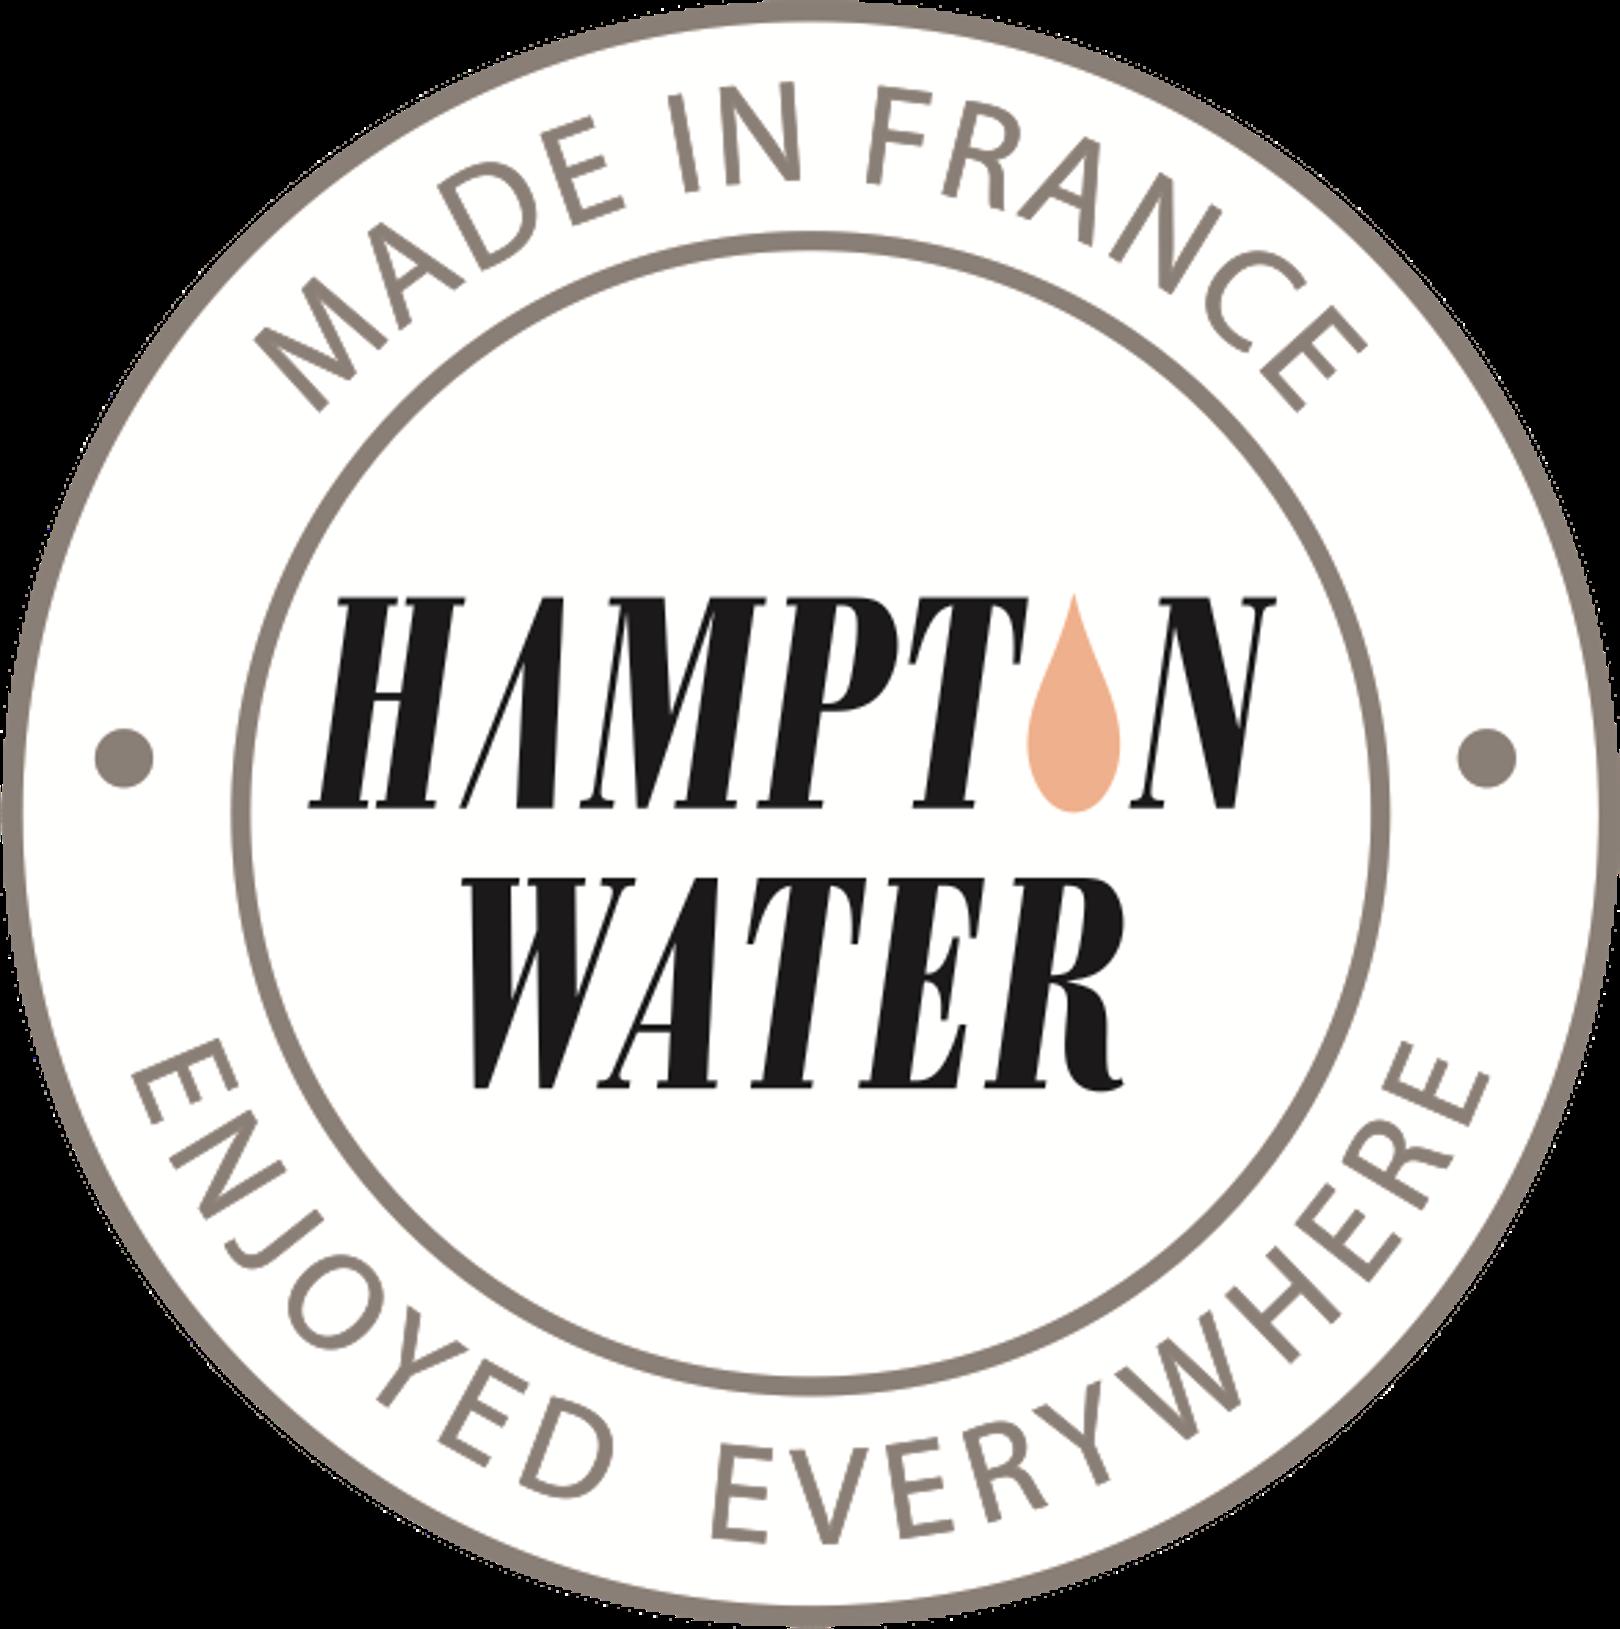 Hampton water wine